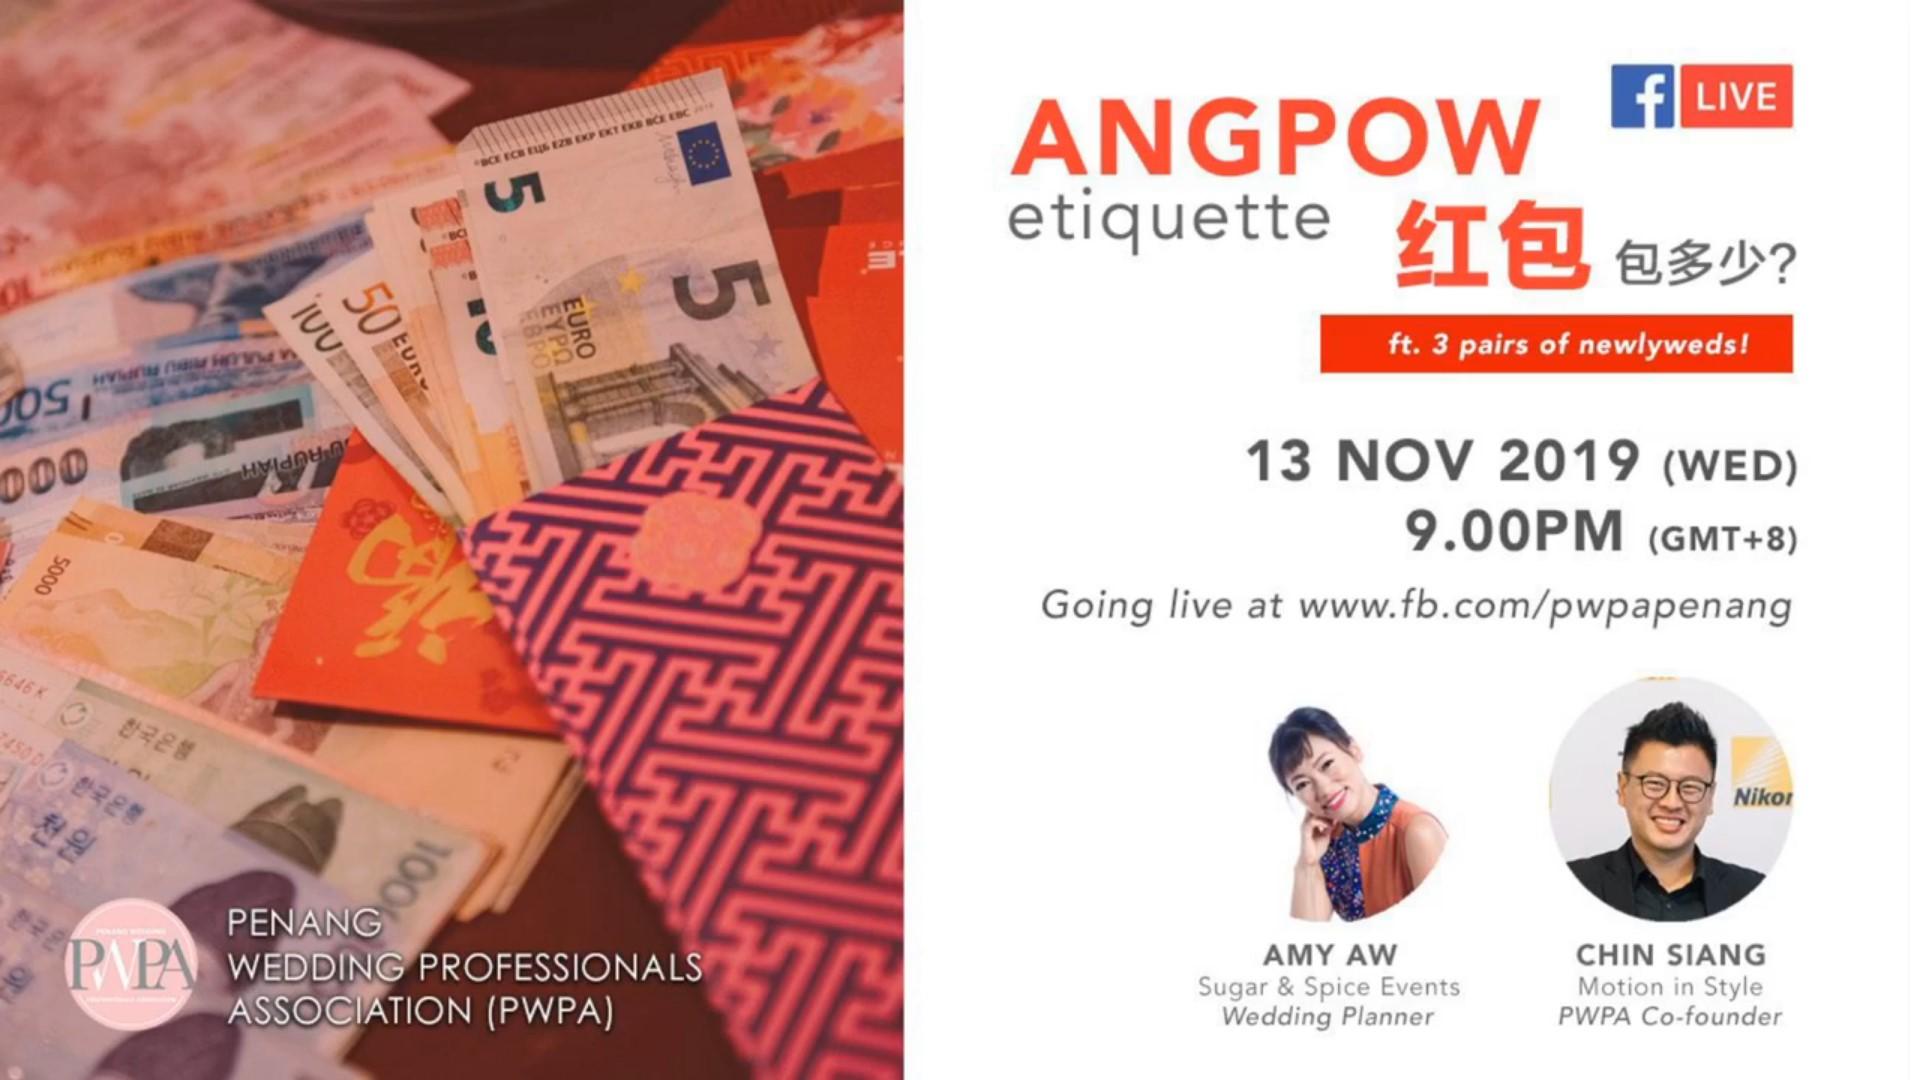 Angpow Etiquette